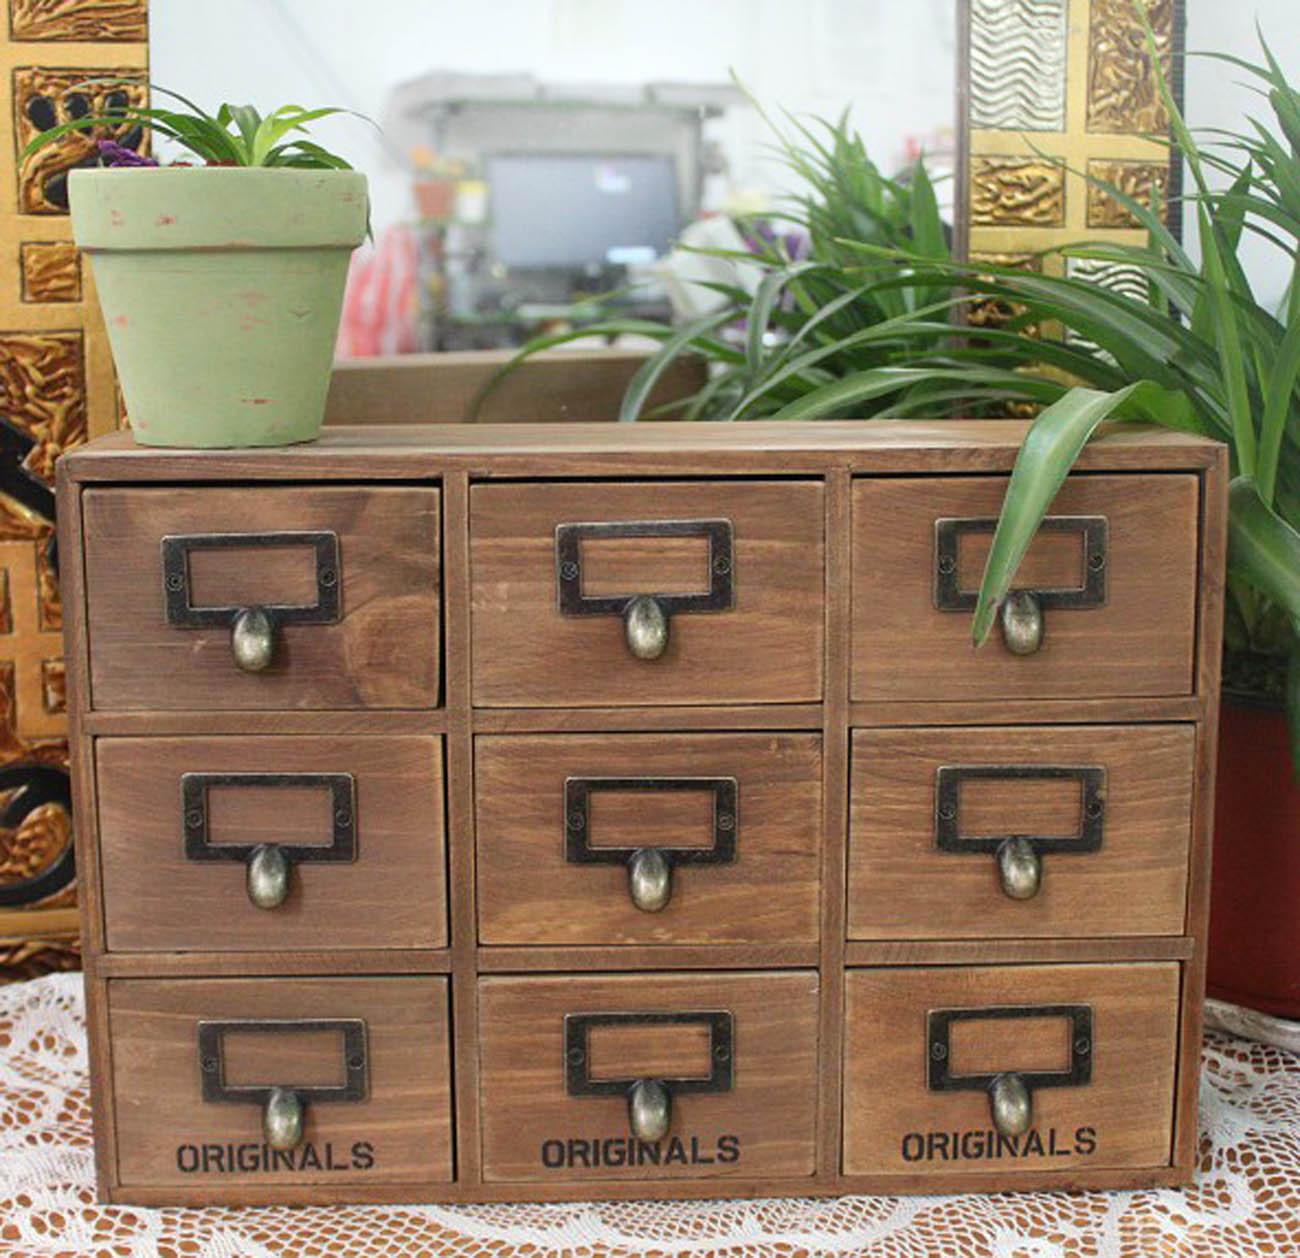 Настольный ящик для канцелярии Zakka продуктовых Винтаж хранения ящик шкафа коробки хранения беспорядок шкафы древесины шкафы